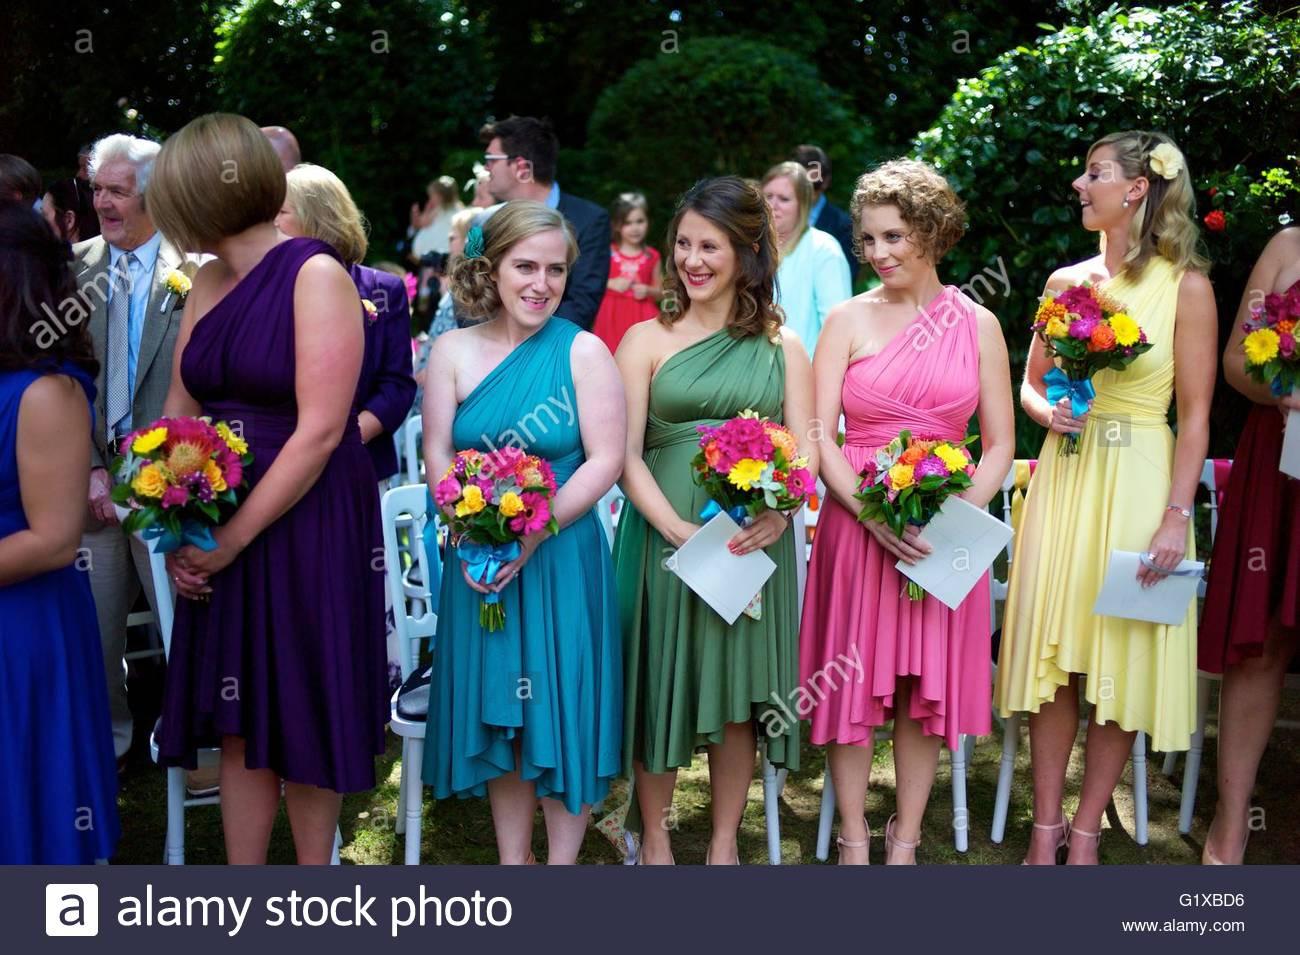 Designer Genial Bunte Kleider Für Hochzeit Bester PreisDesigner Erstaunlich Bunte Kleider Für Hochzeit Design